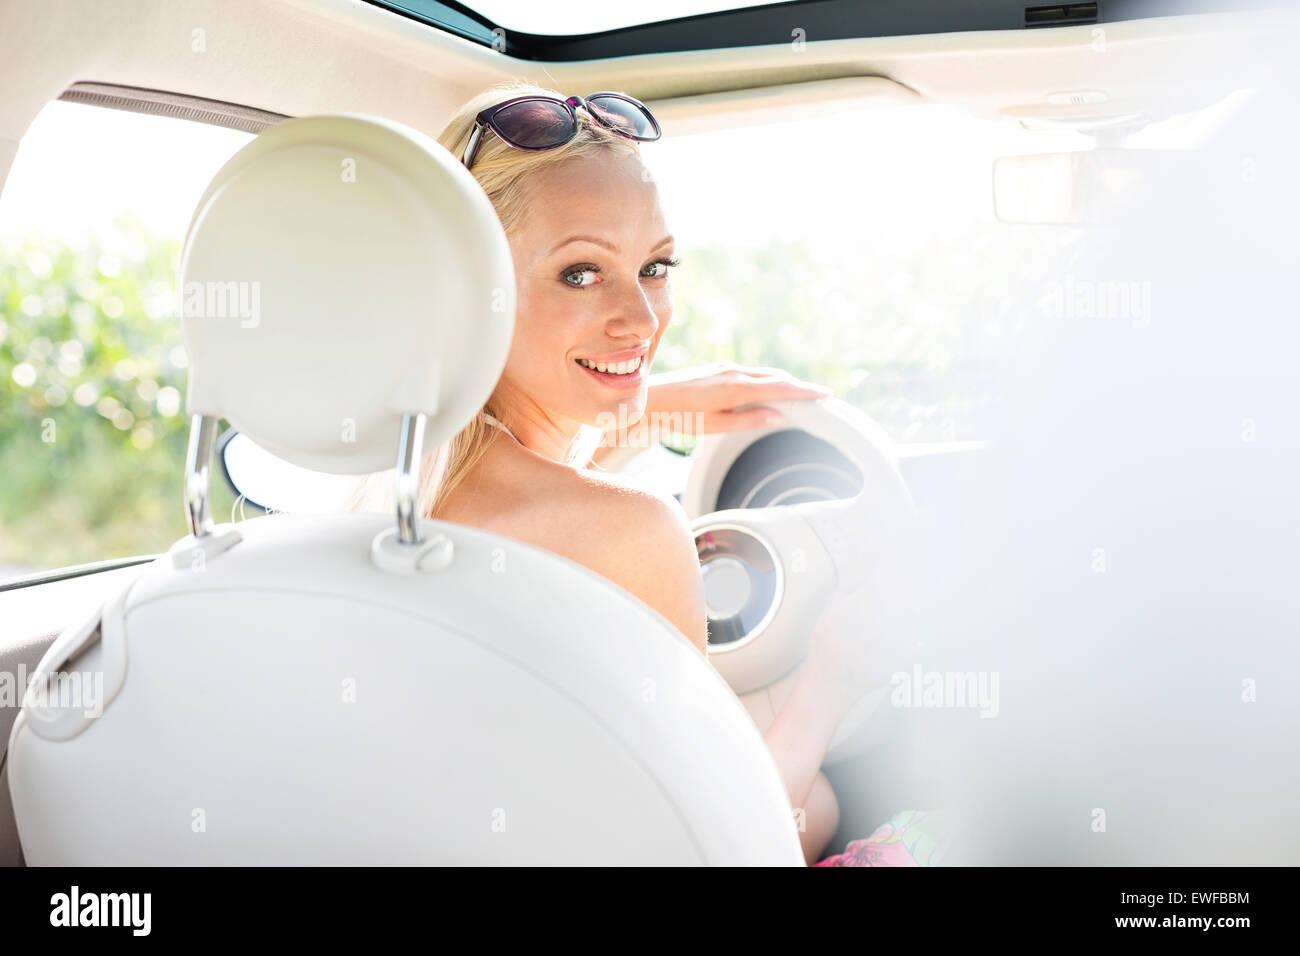 Vista trasera retrato de mujer alegre y la conducción de automóviles Imagen De Stock